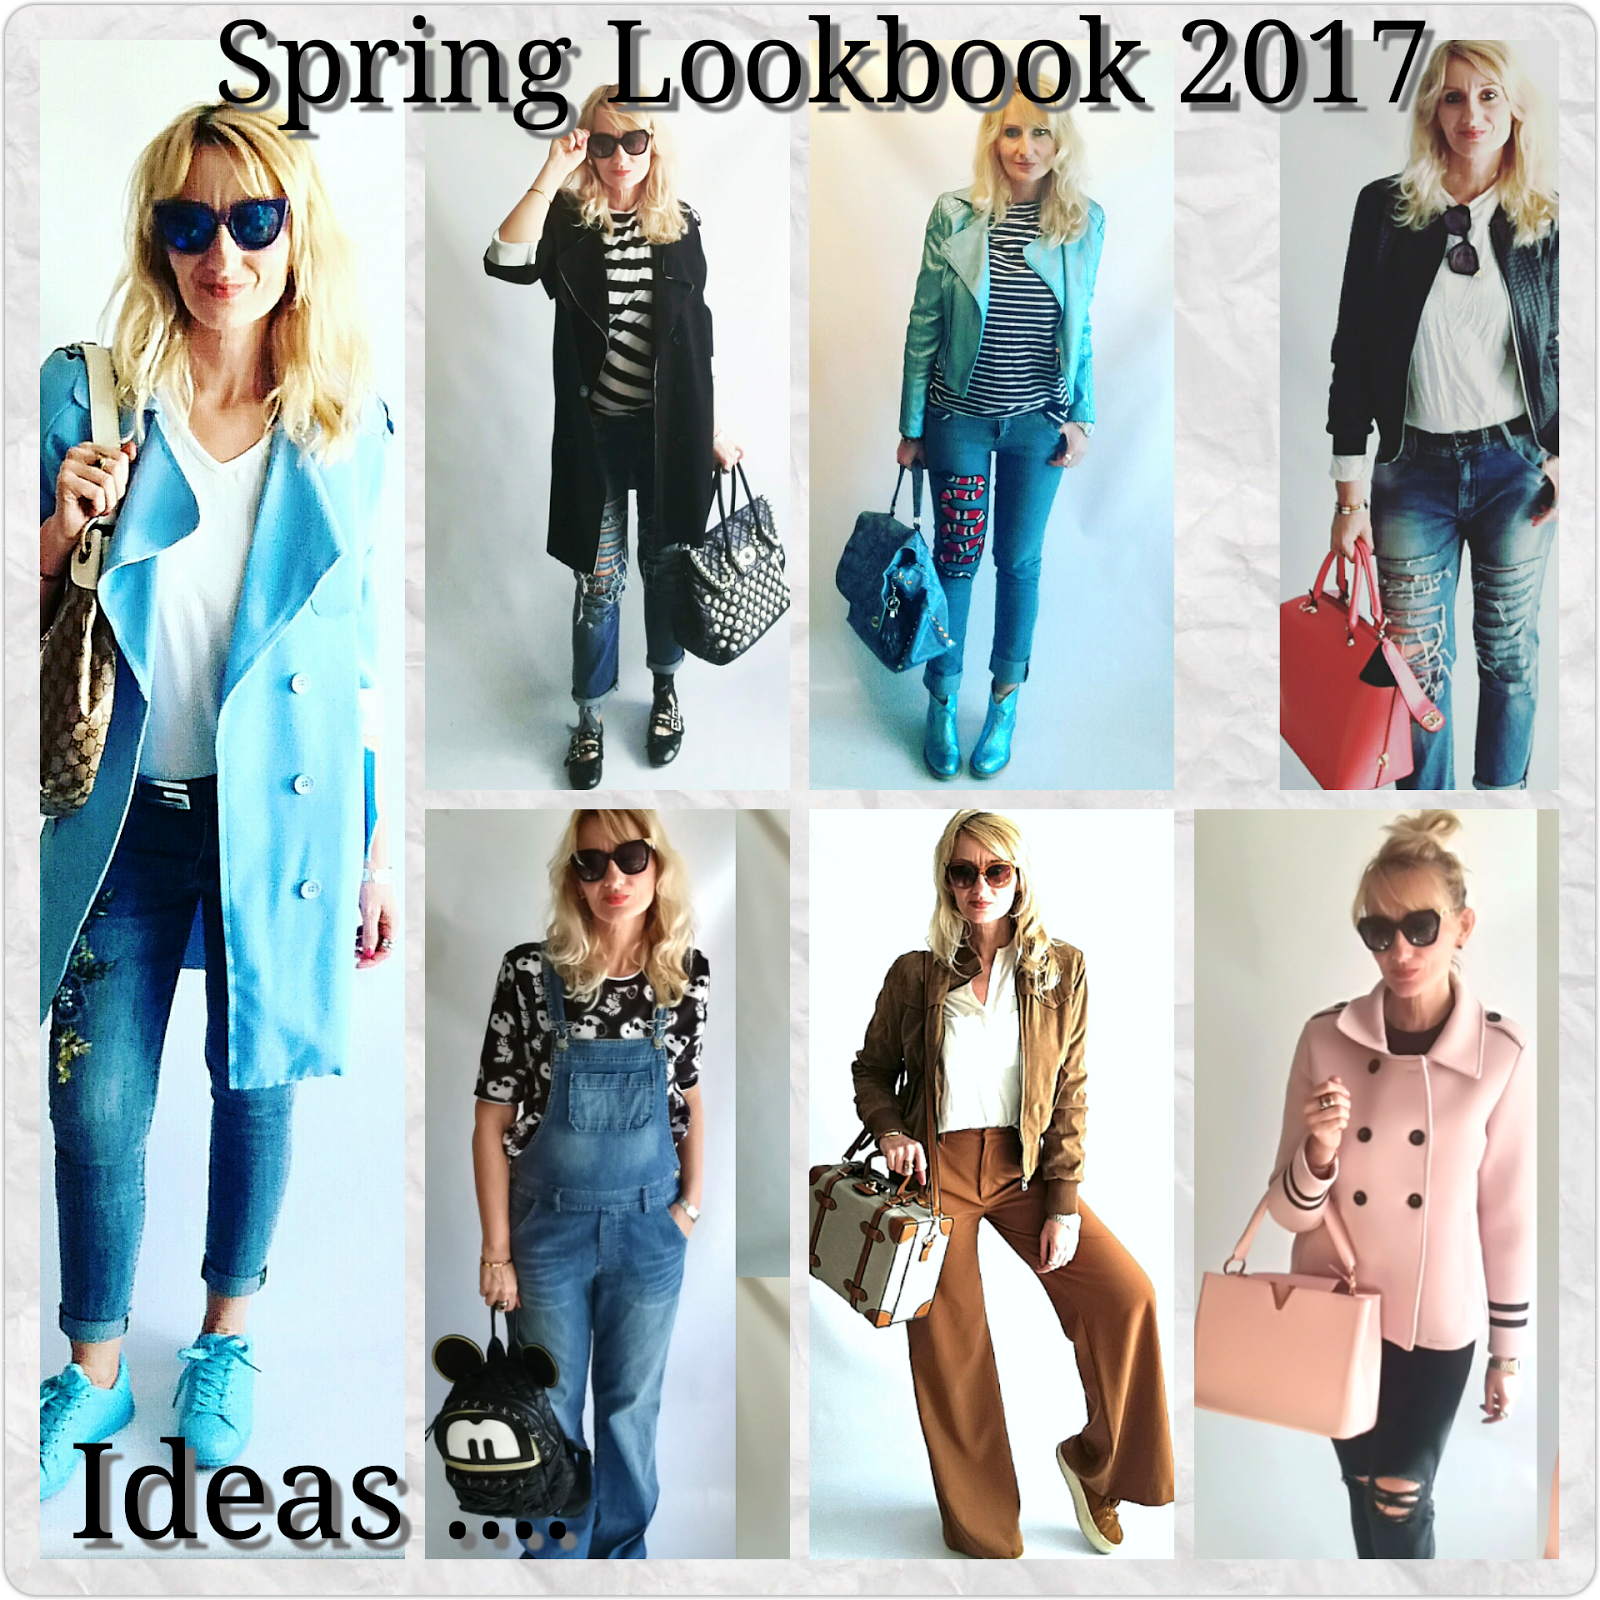 Cosa ci mettiamo questa primavera? Idee per un look Primavera 2017 di tendenza anche se il clima è ballerino...